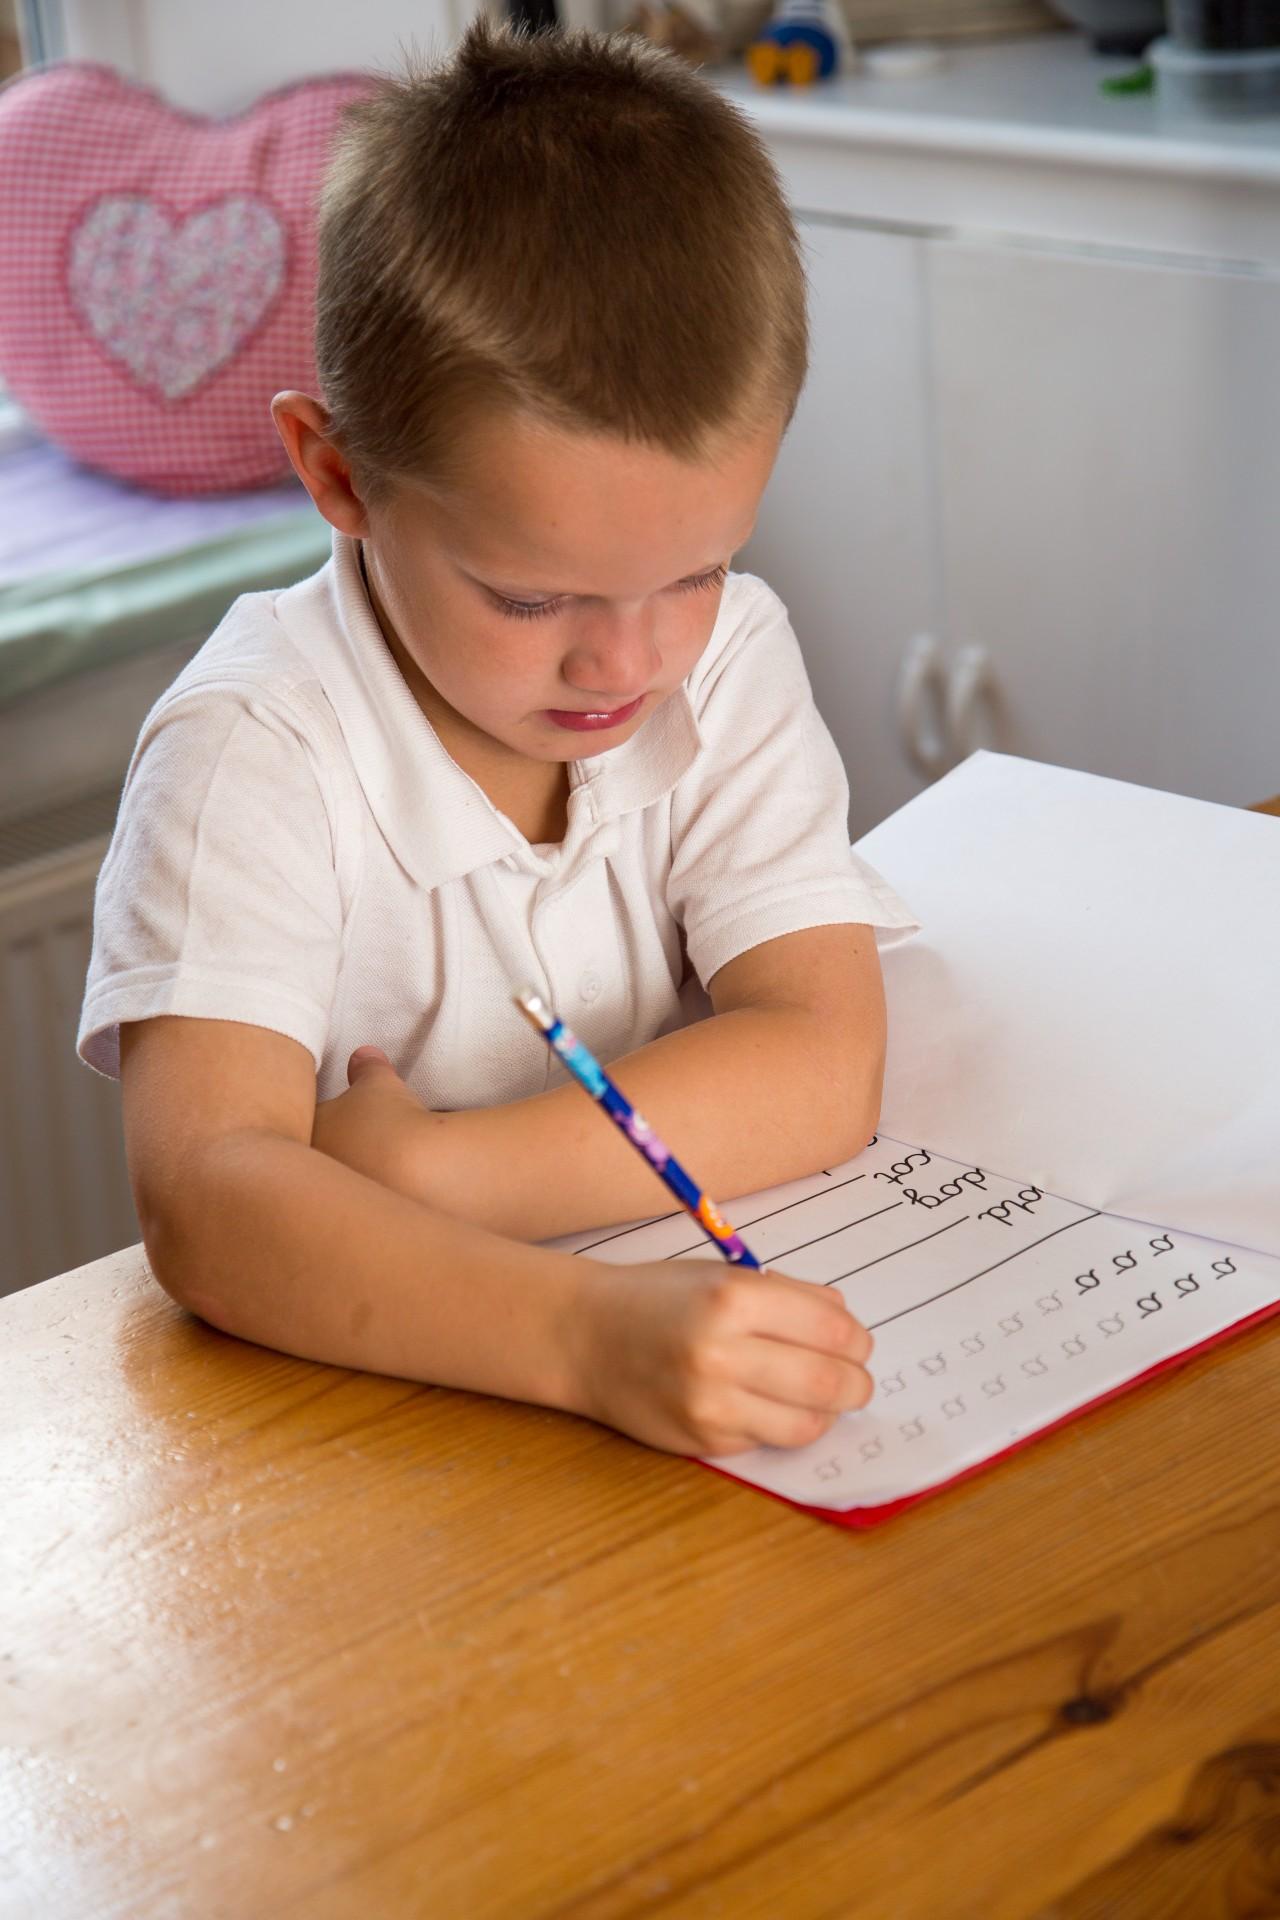 garçon enfant école écrire